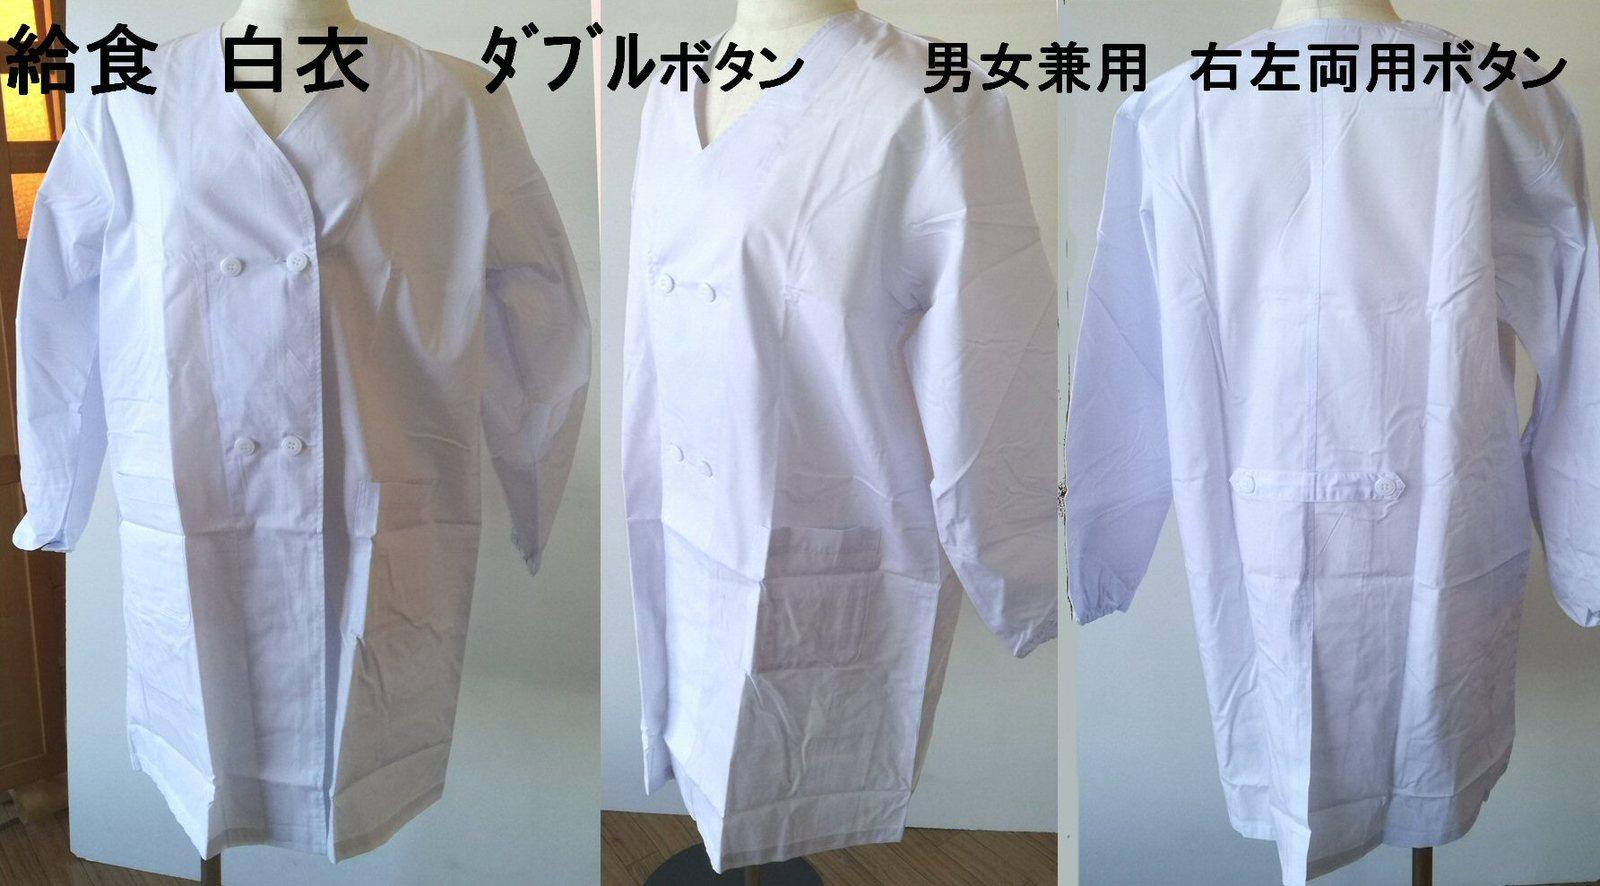 給食 白衣 ダブル ボタン スクール ランチ サイズ 4号〜6号 SJ-02-D-01